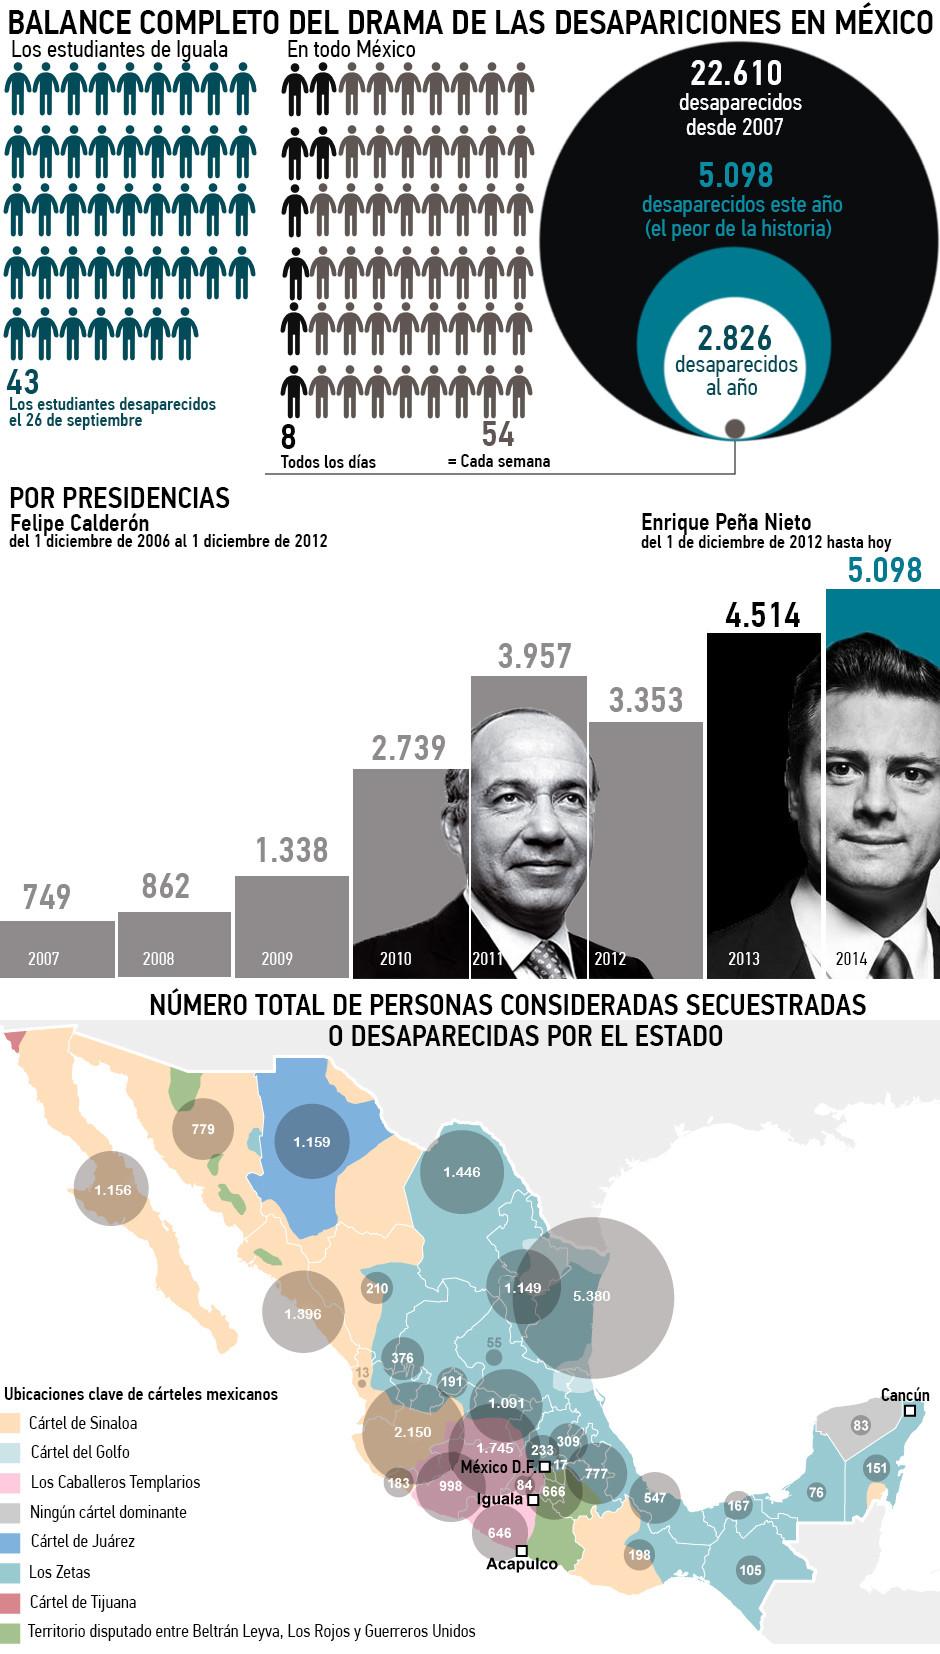 Balance completo del drama de las desapariciones en México